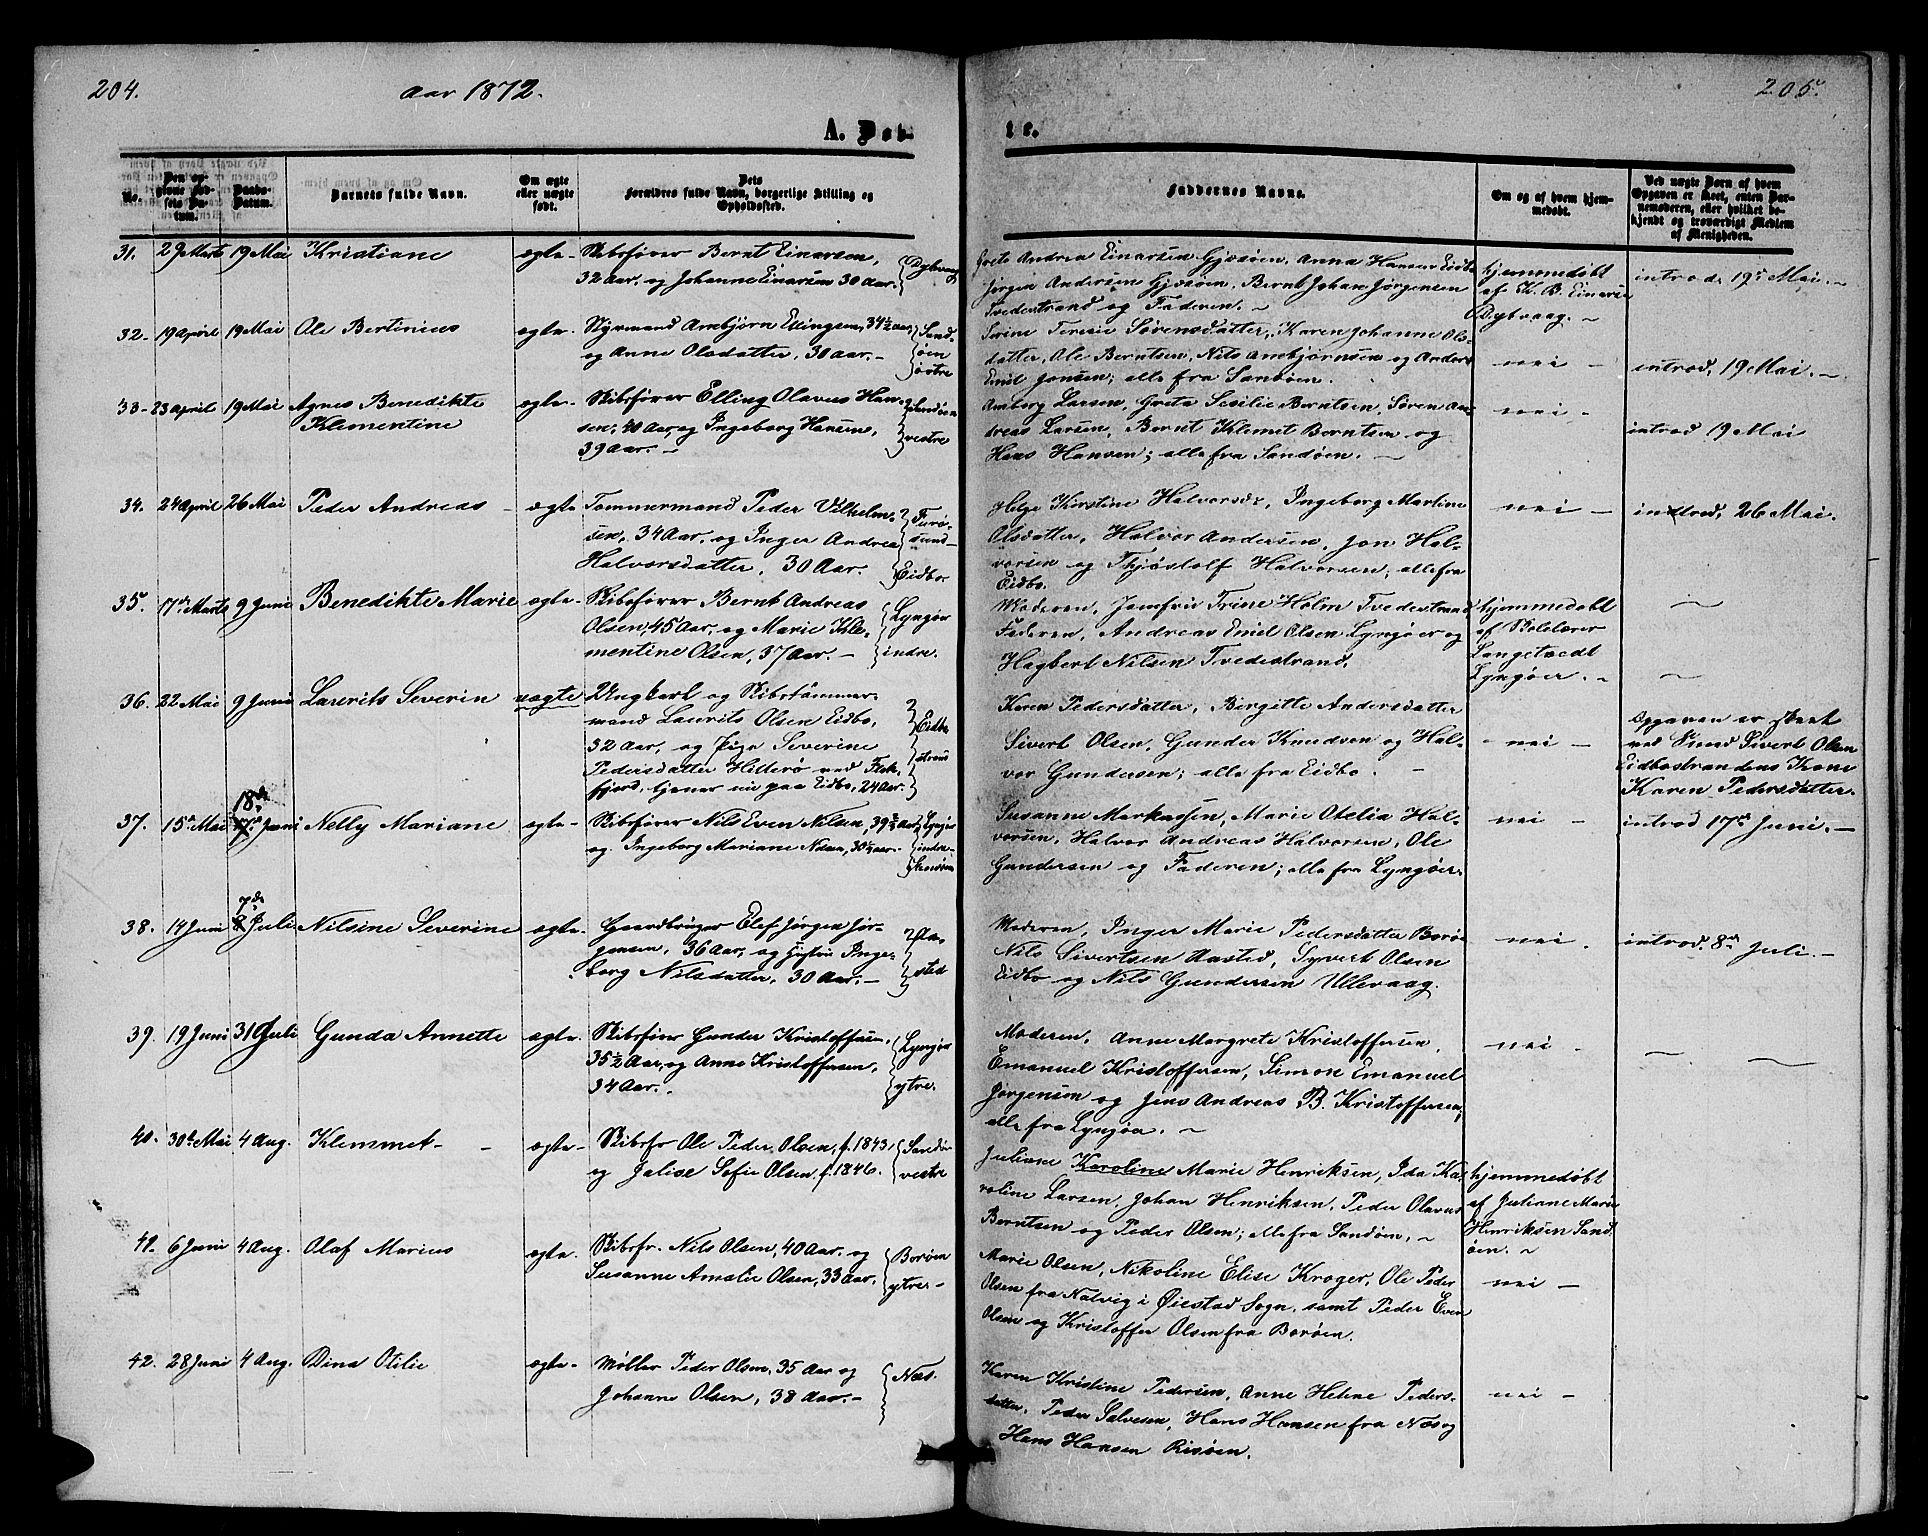 SAK, Dypvåg sokneprestkontor, F/Fb/Fba/L0011: Klokkerbok nr. B 11, 1857-1872, s. 204-205